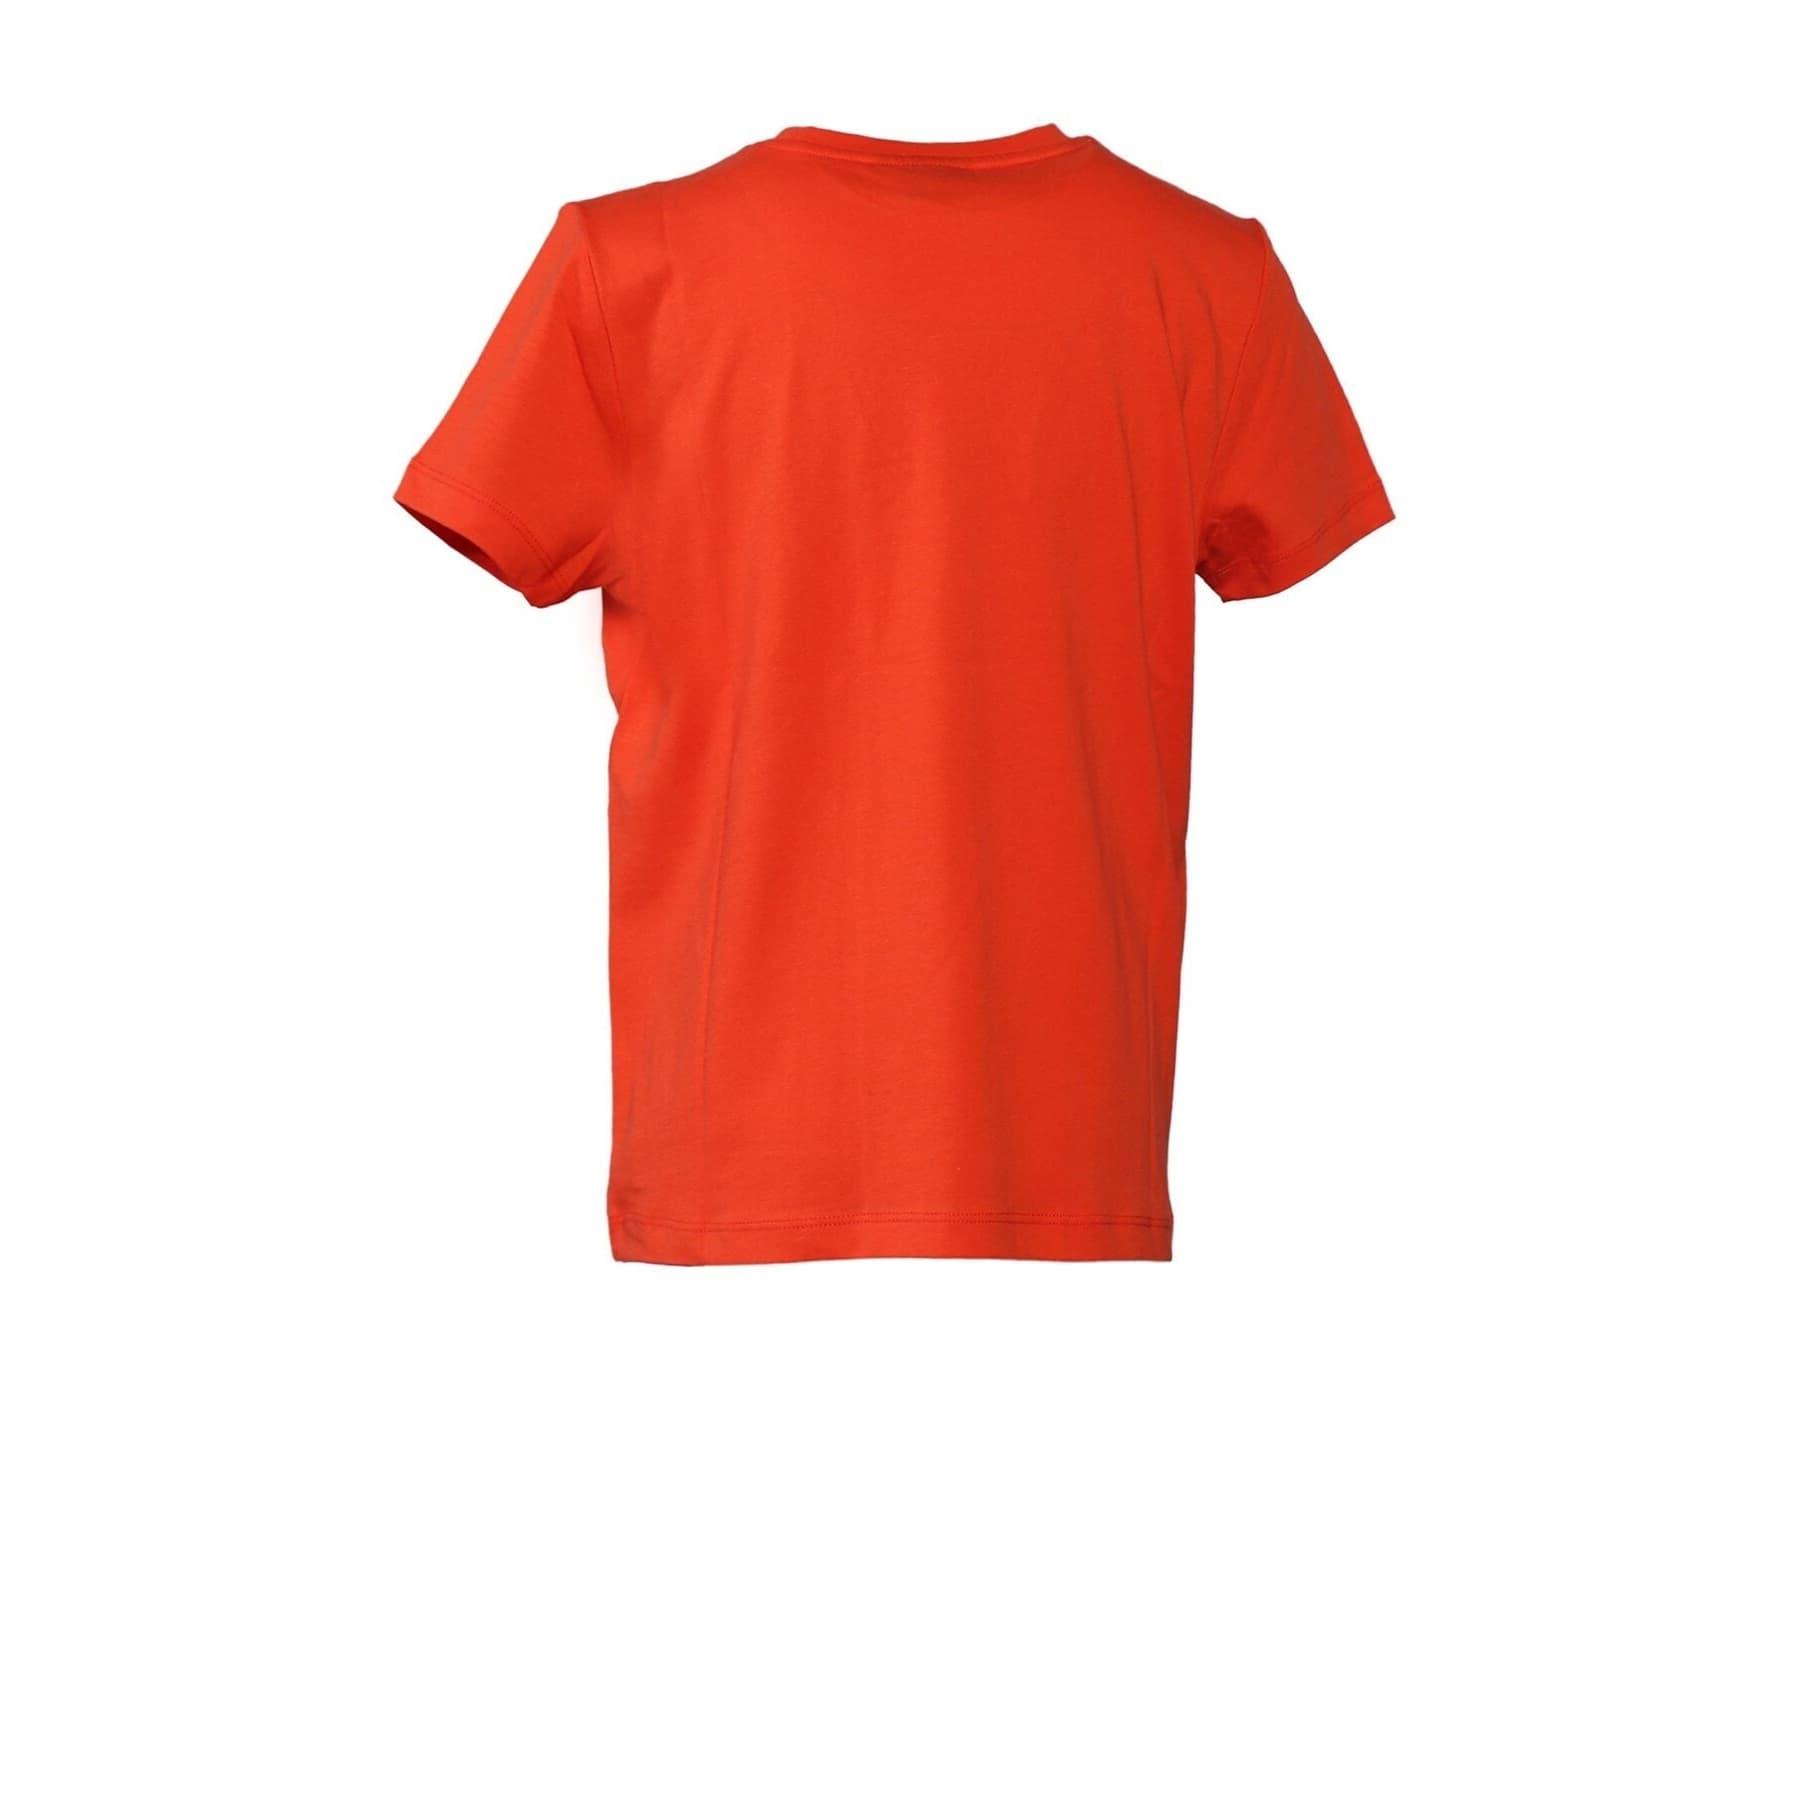 Camel Çocuk Kırmızı Tişört (911298-1102)